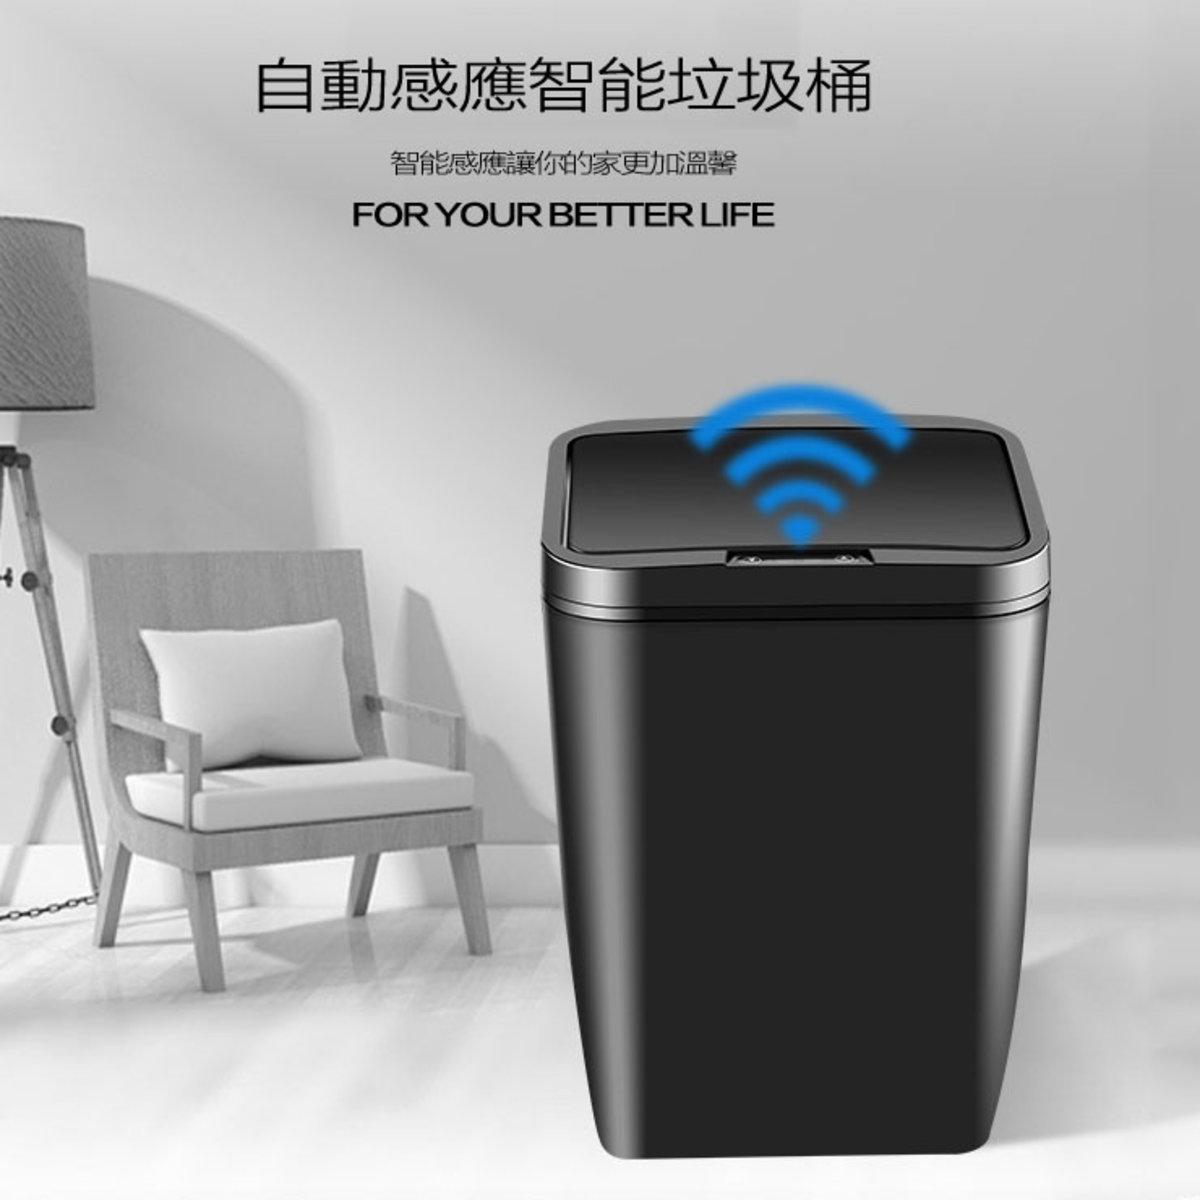 Intelligent | 智能感應垃圾桶 - USB充電版 | 香港電視 HKTVmall 網上購物